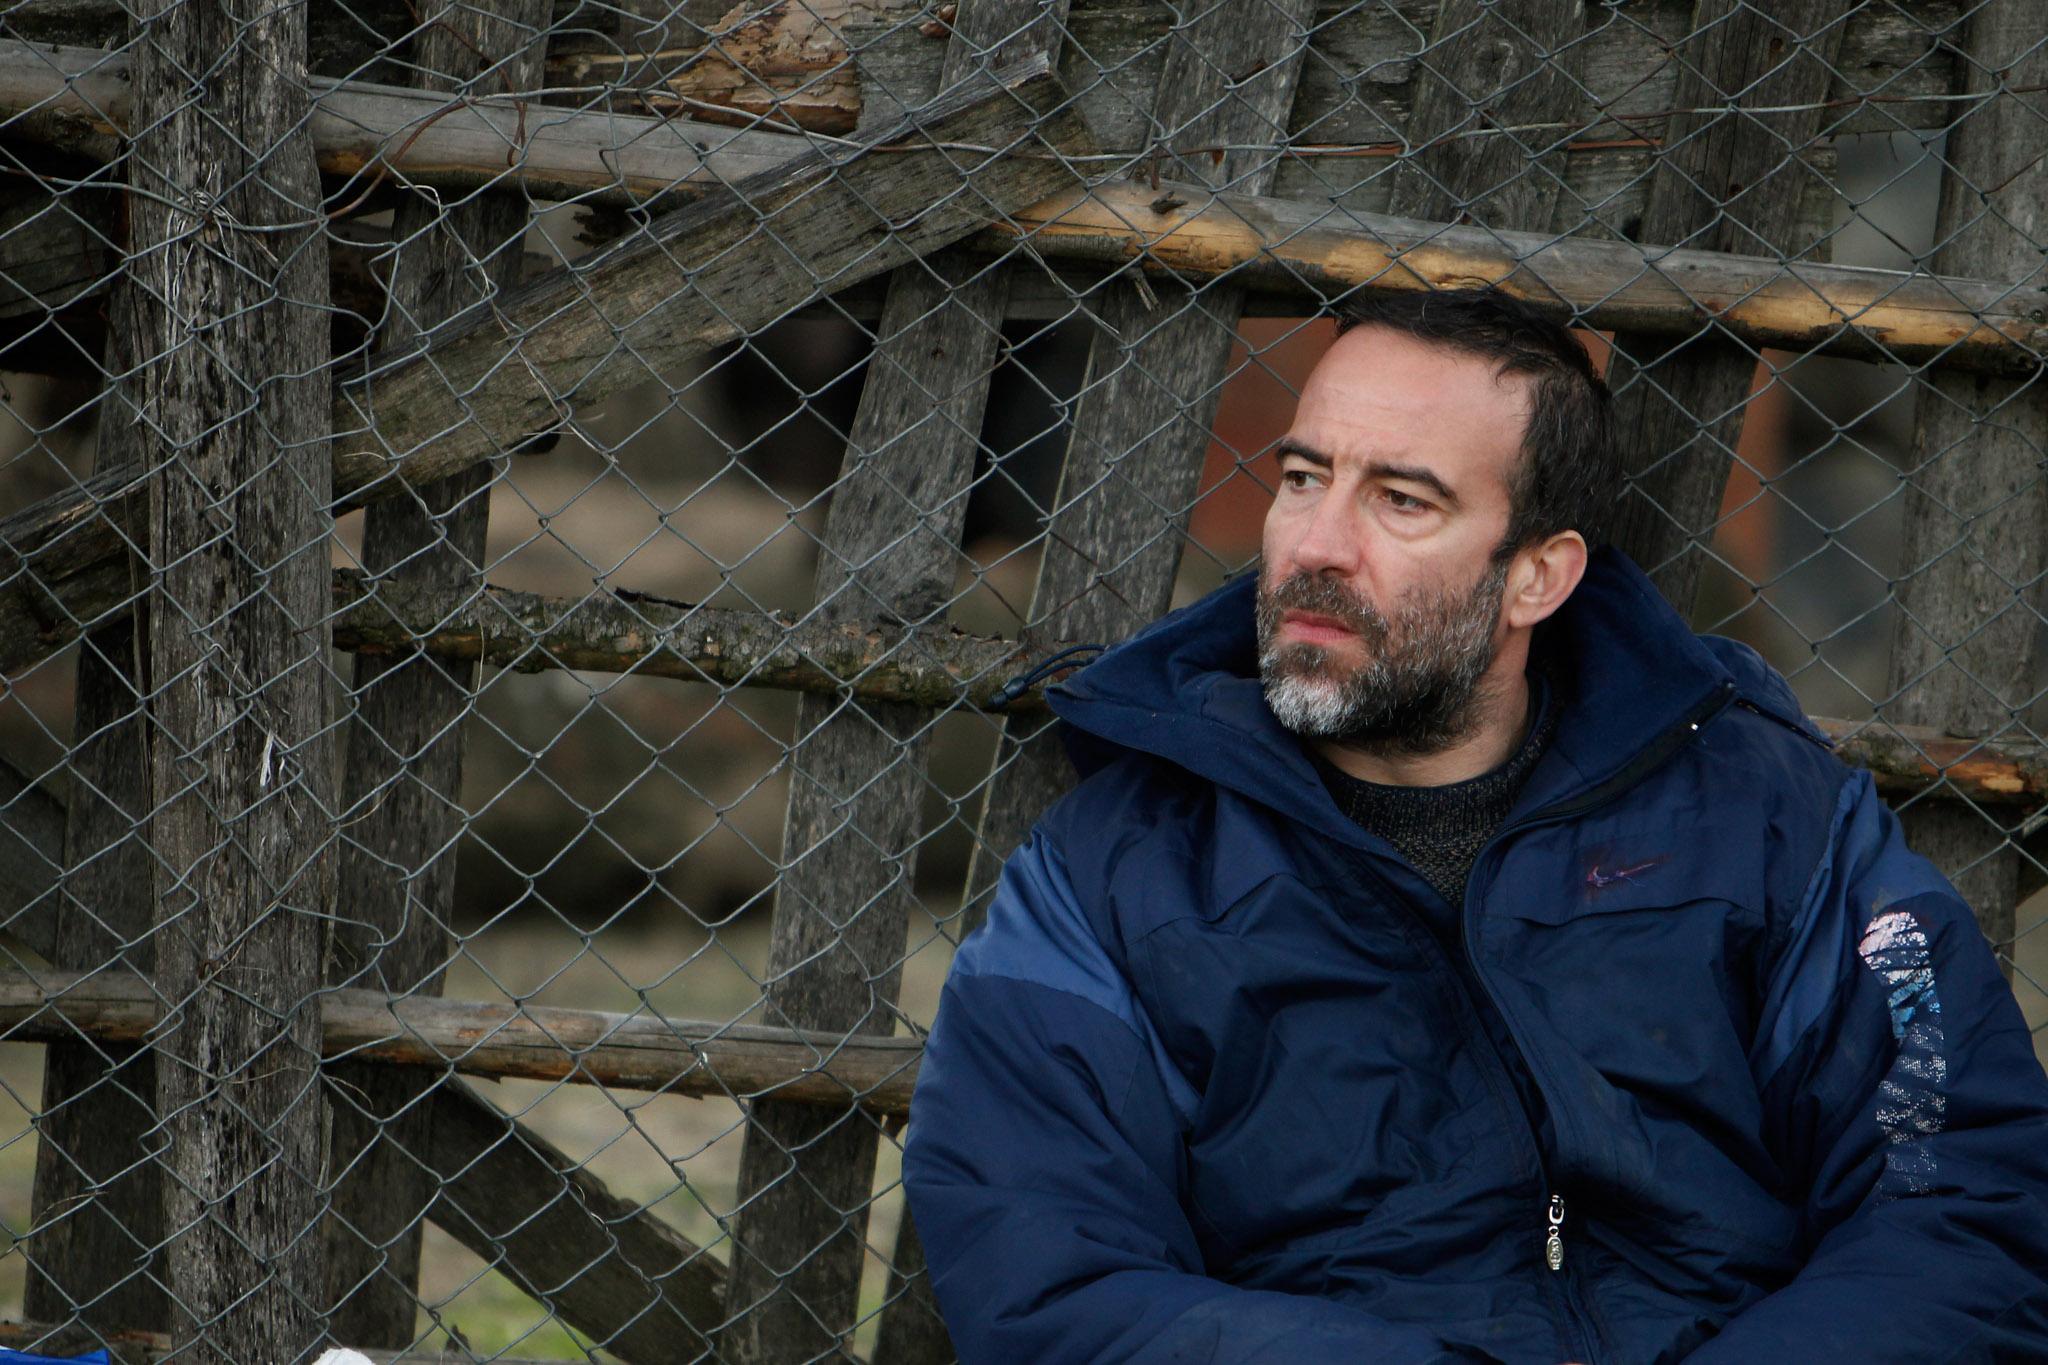 2. Serban Pavlu